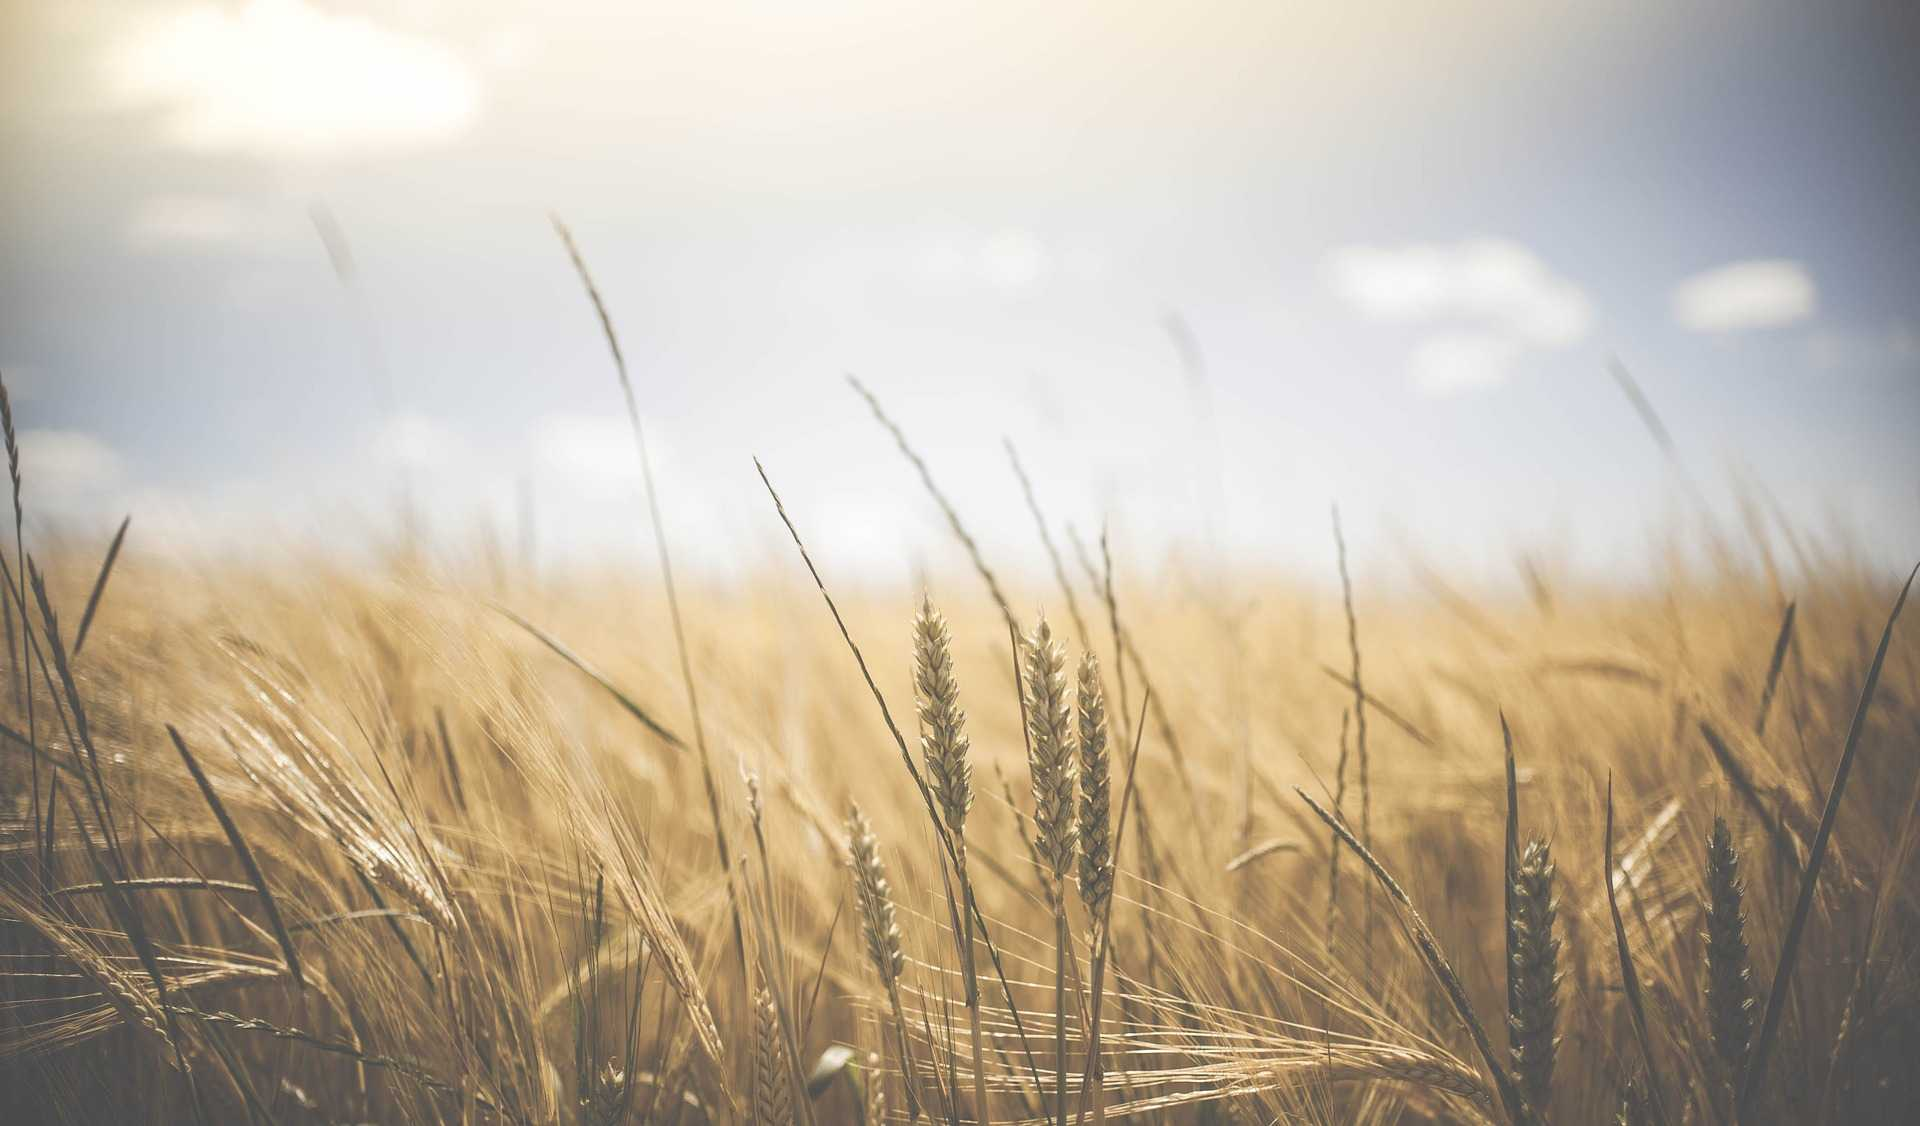 Le blé, incontournable de notre alimentation